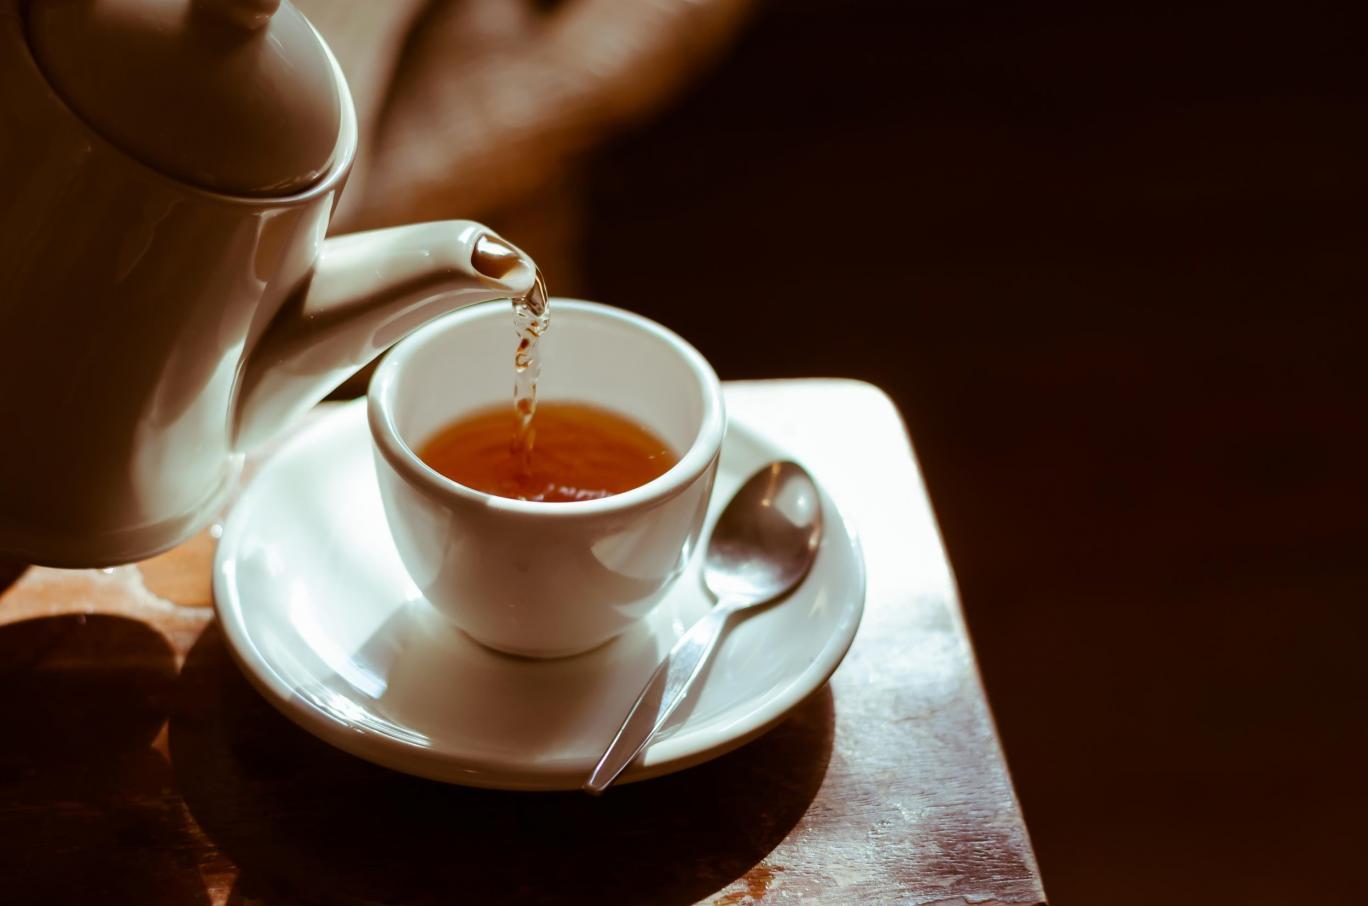 چاي با طعم کاغذ